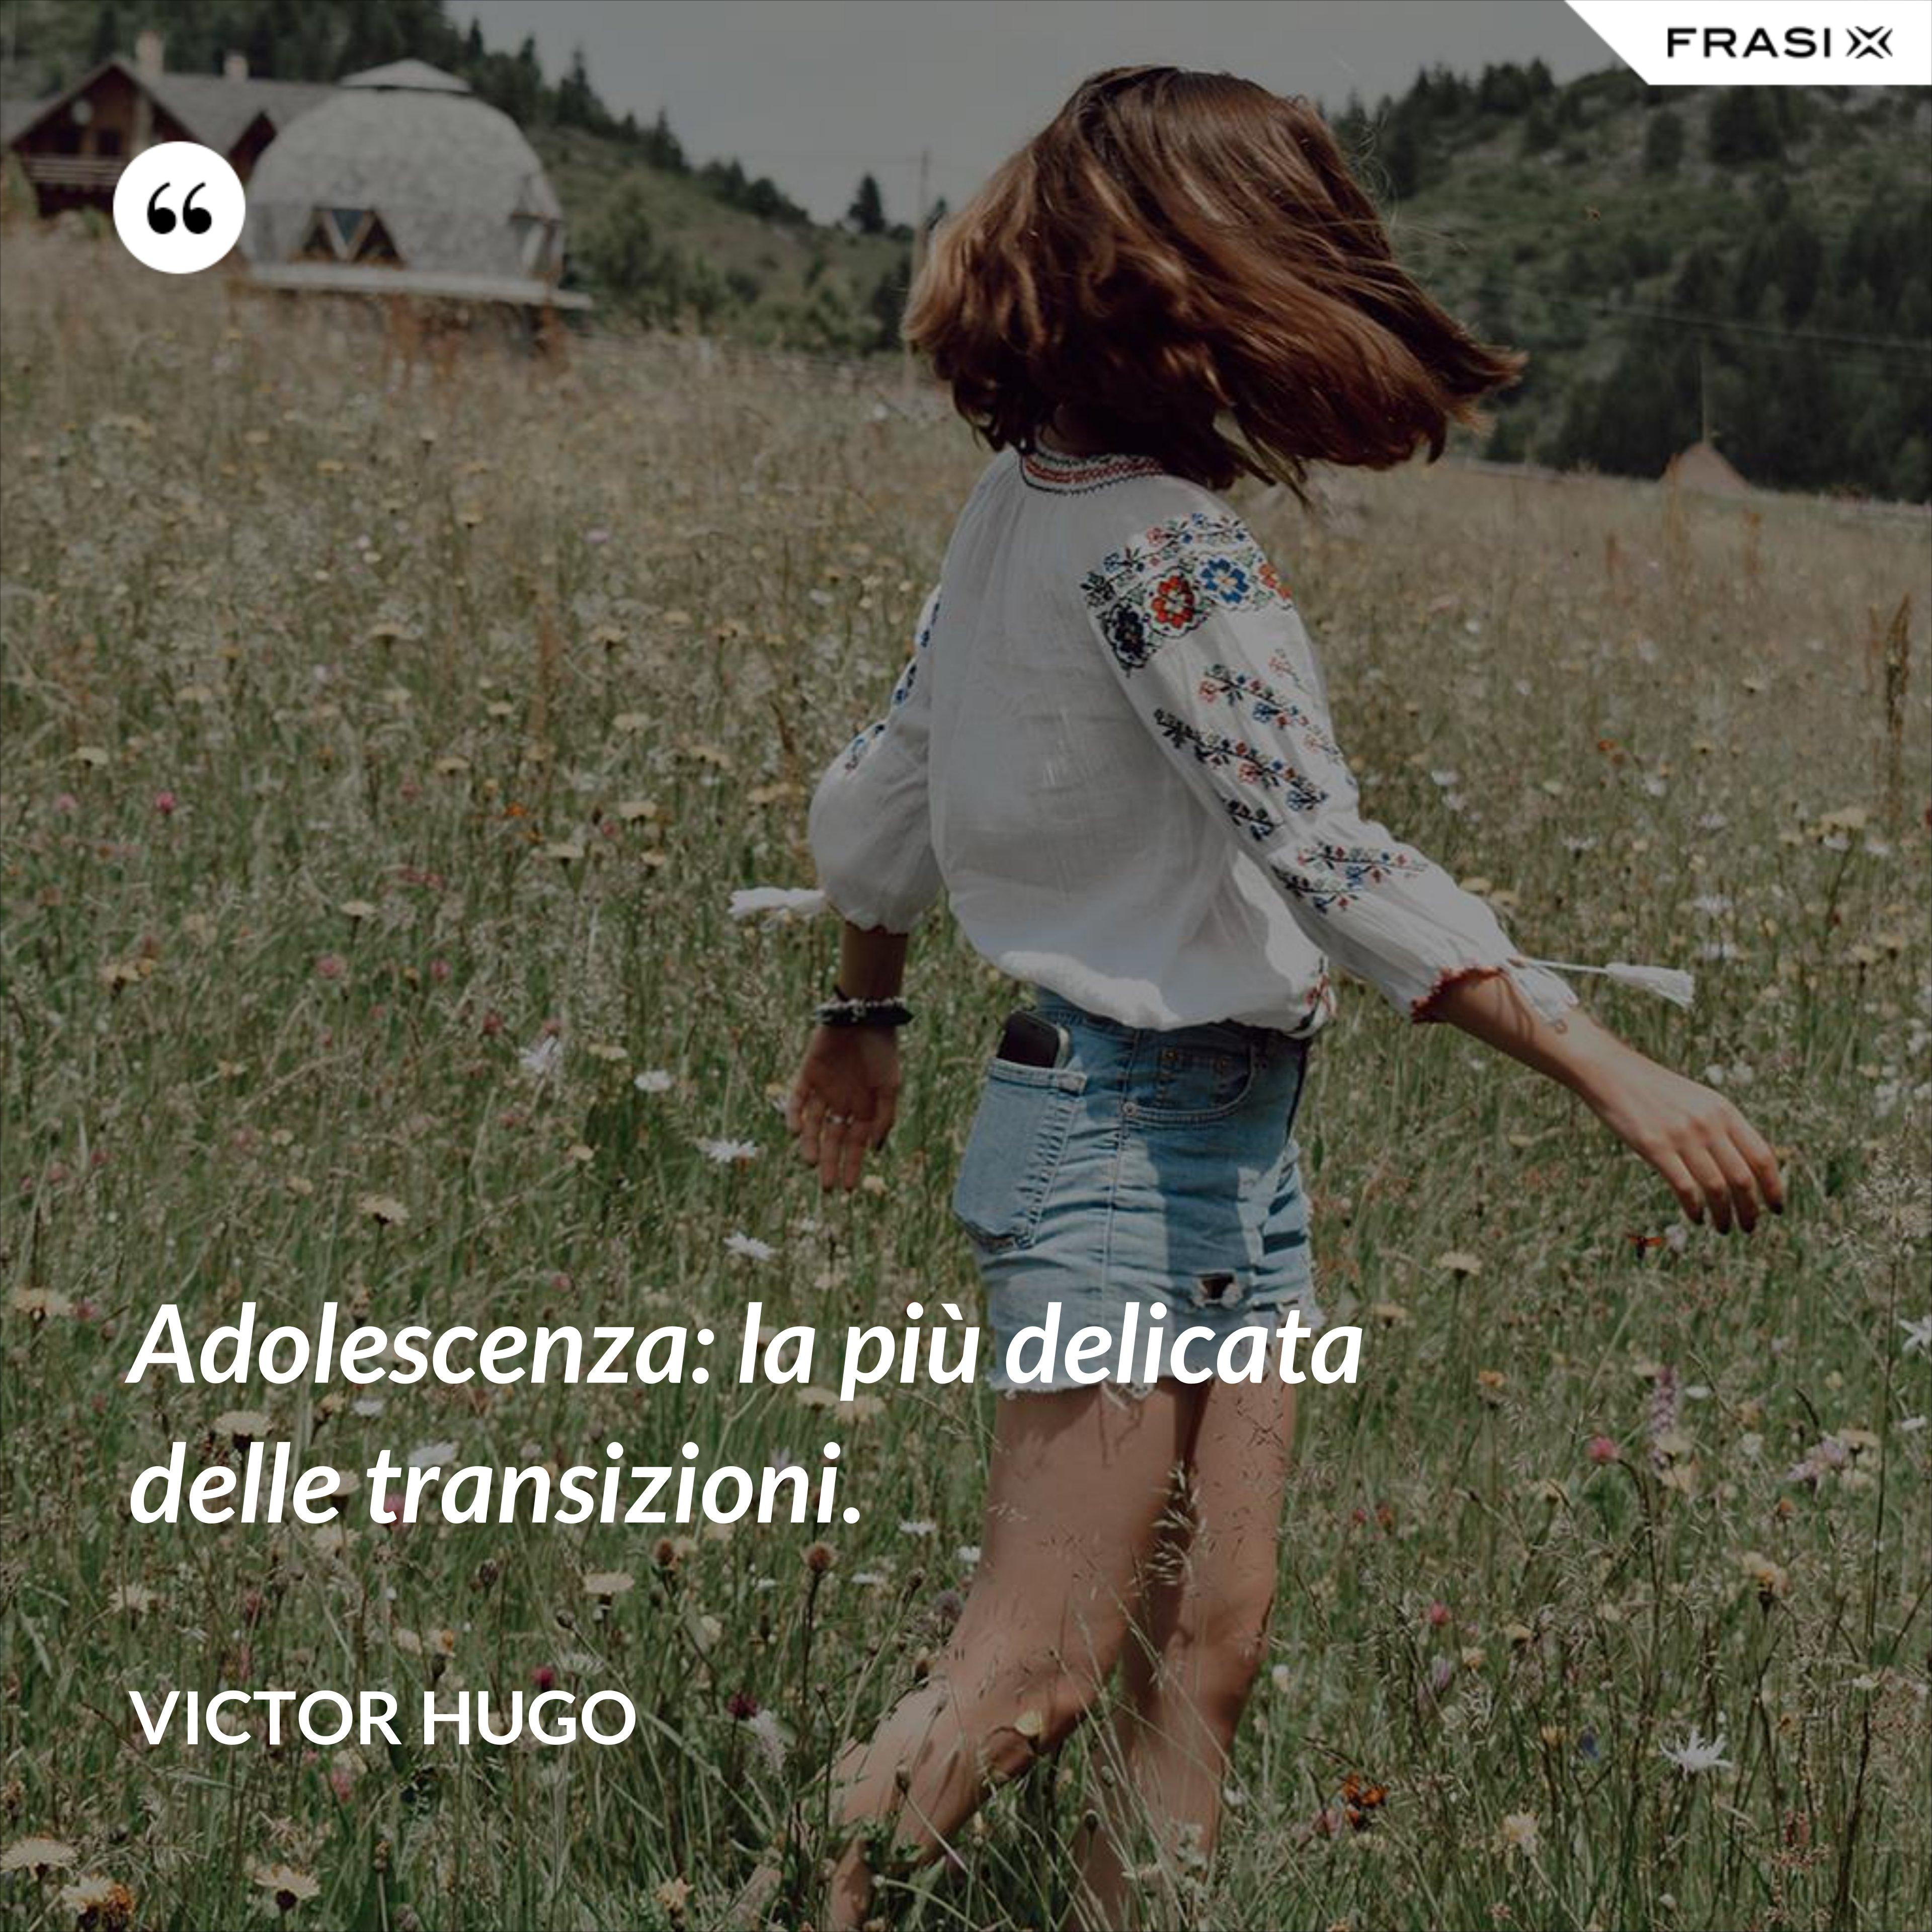 Adolescenza: la più delicata delle transizioni. - Victor Hugo